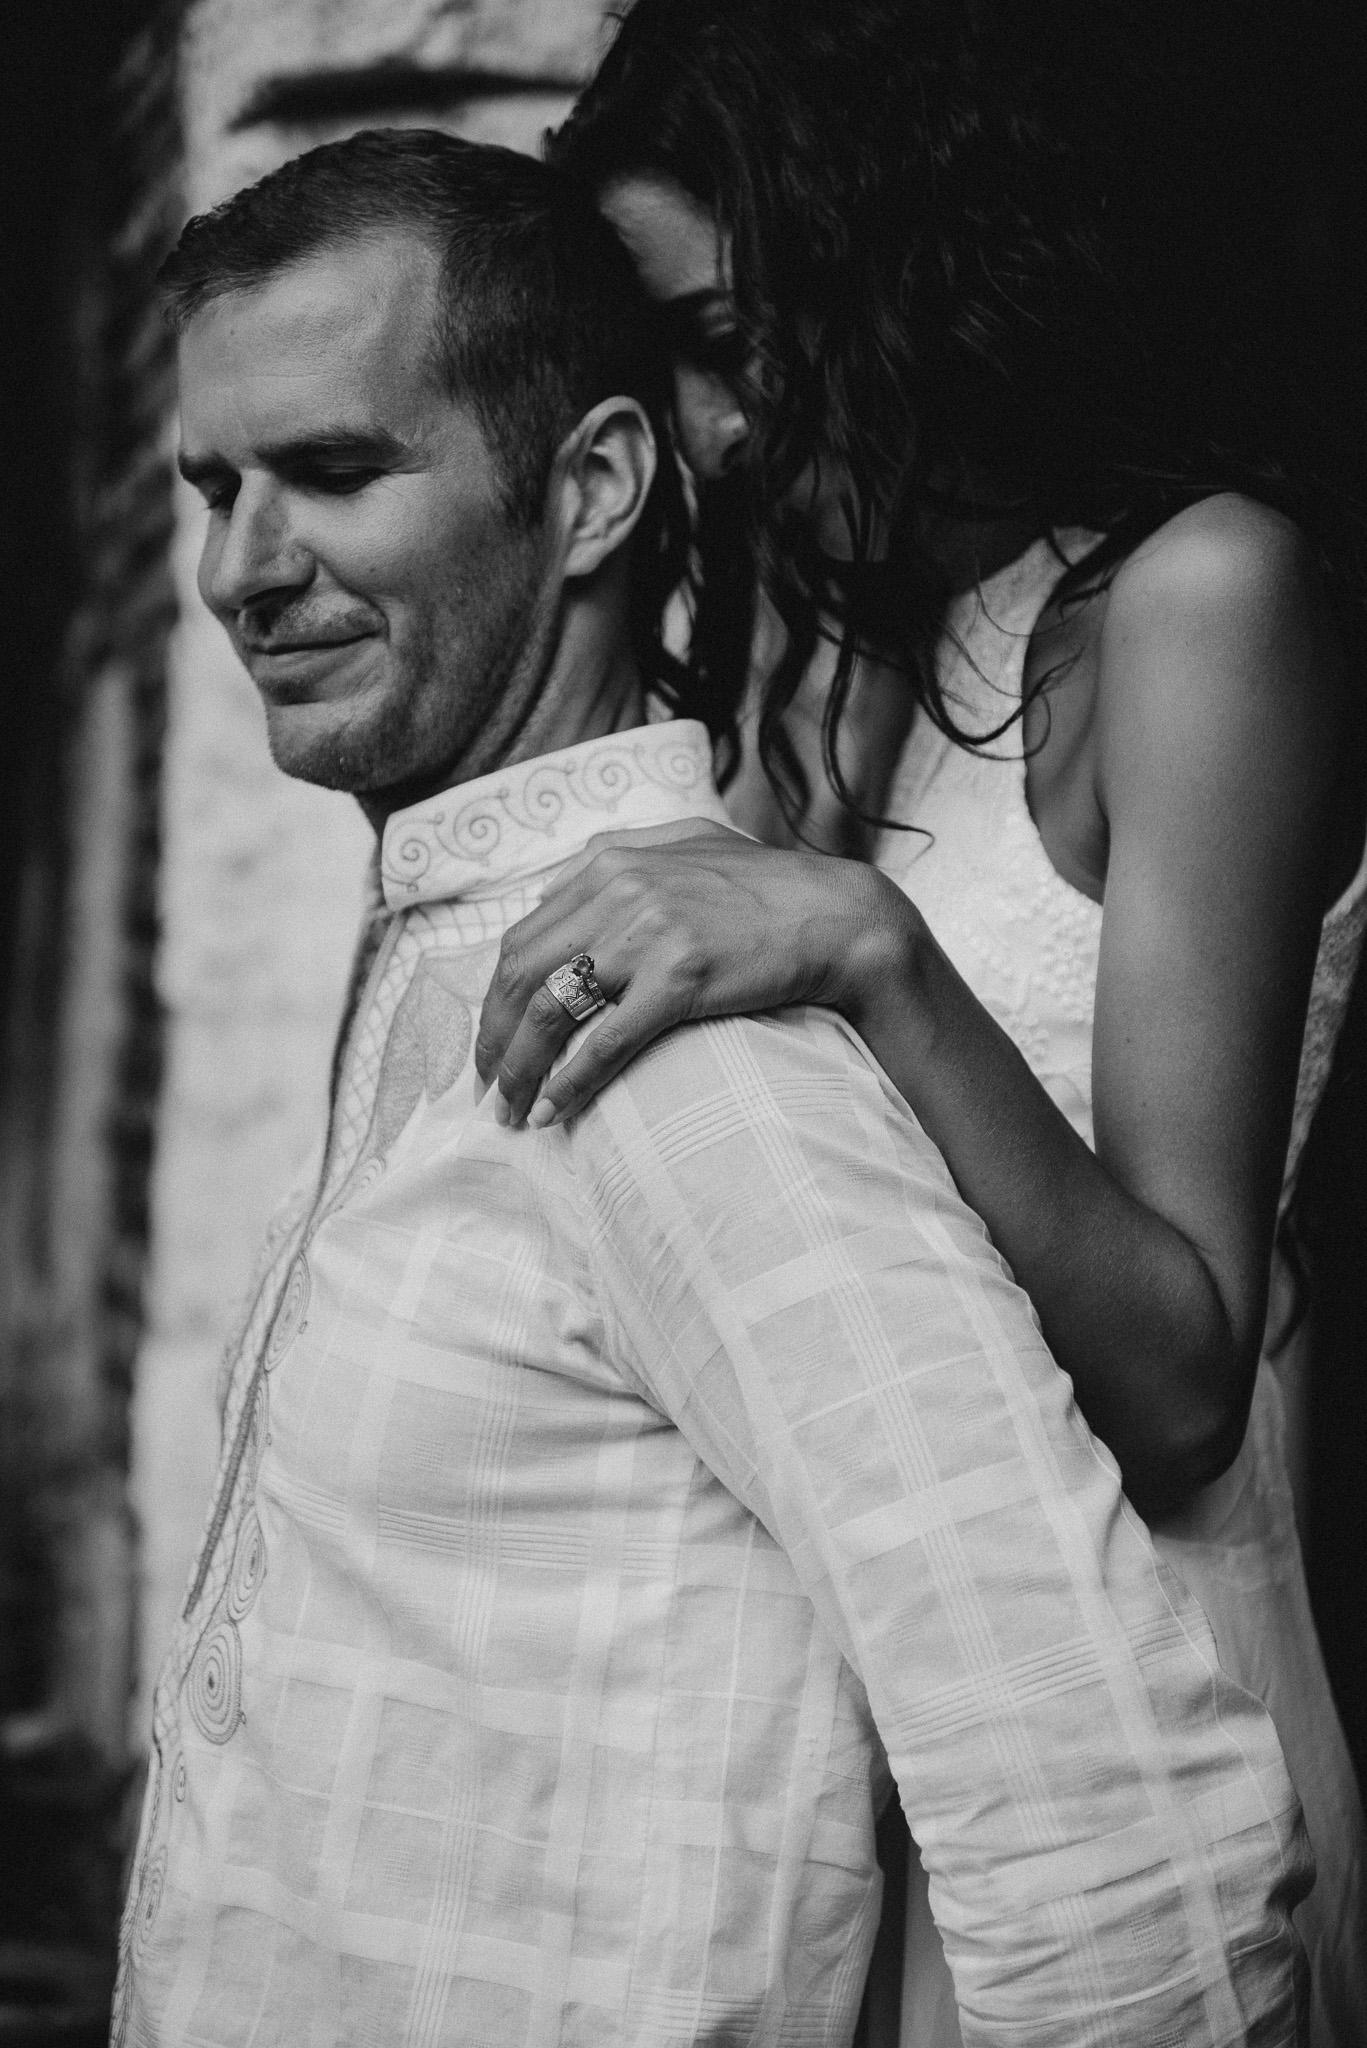 Valerie & Zack Prbeoda-5.jpg